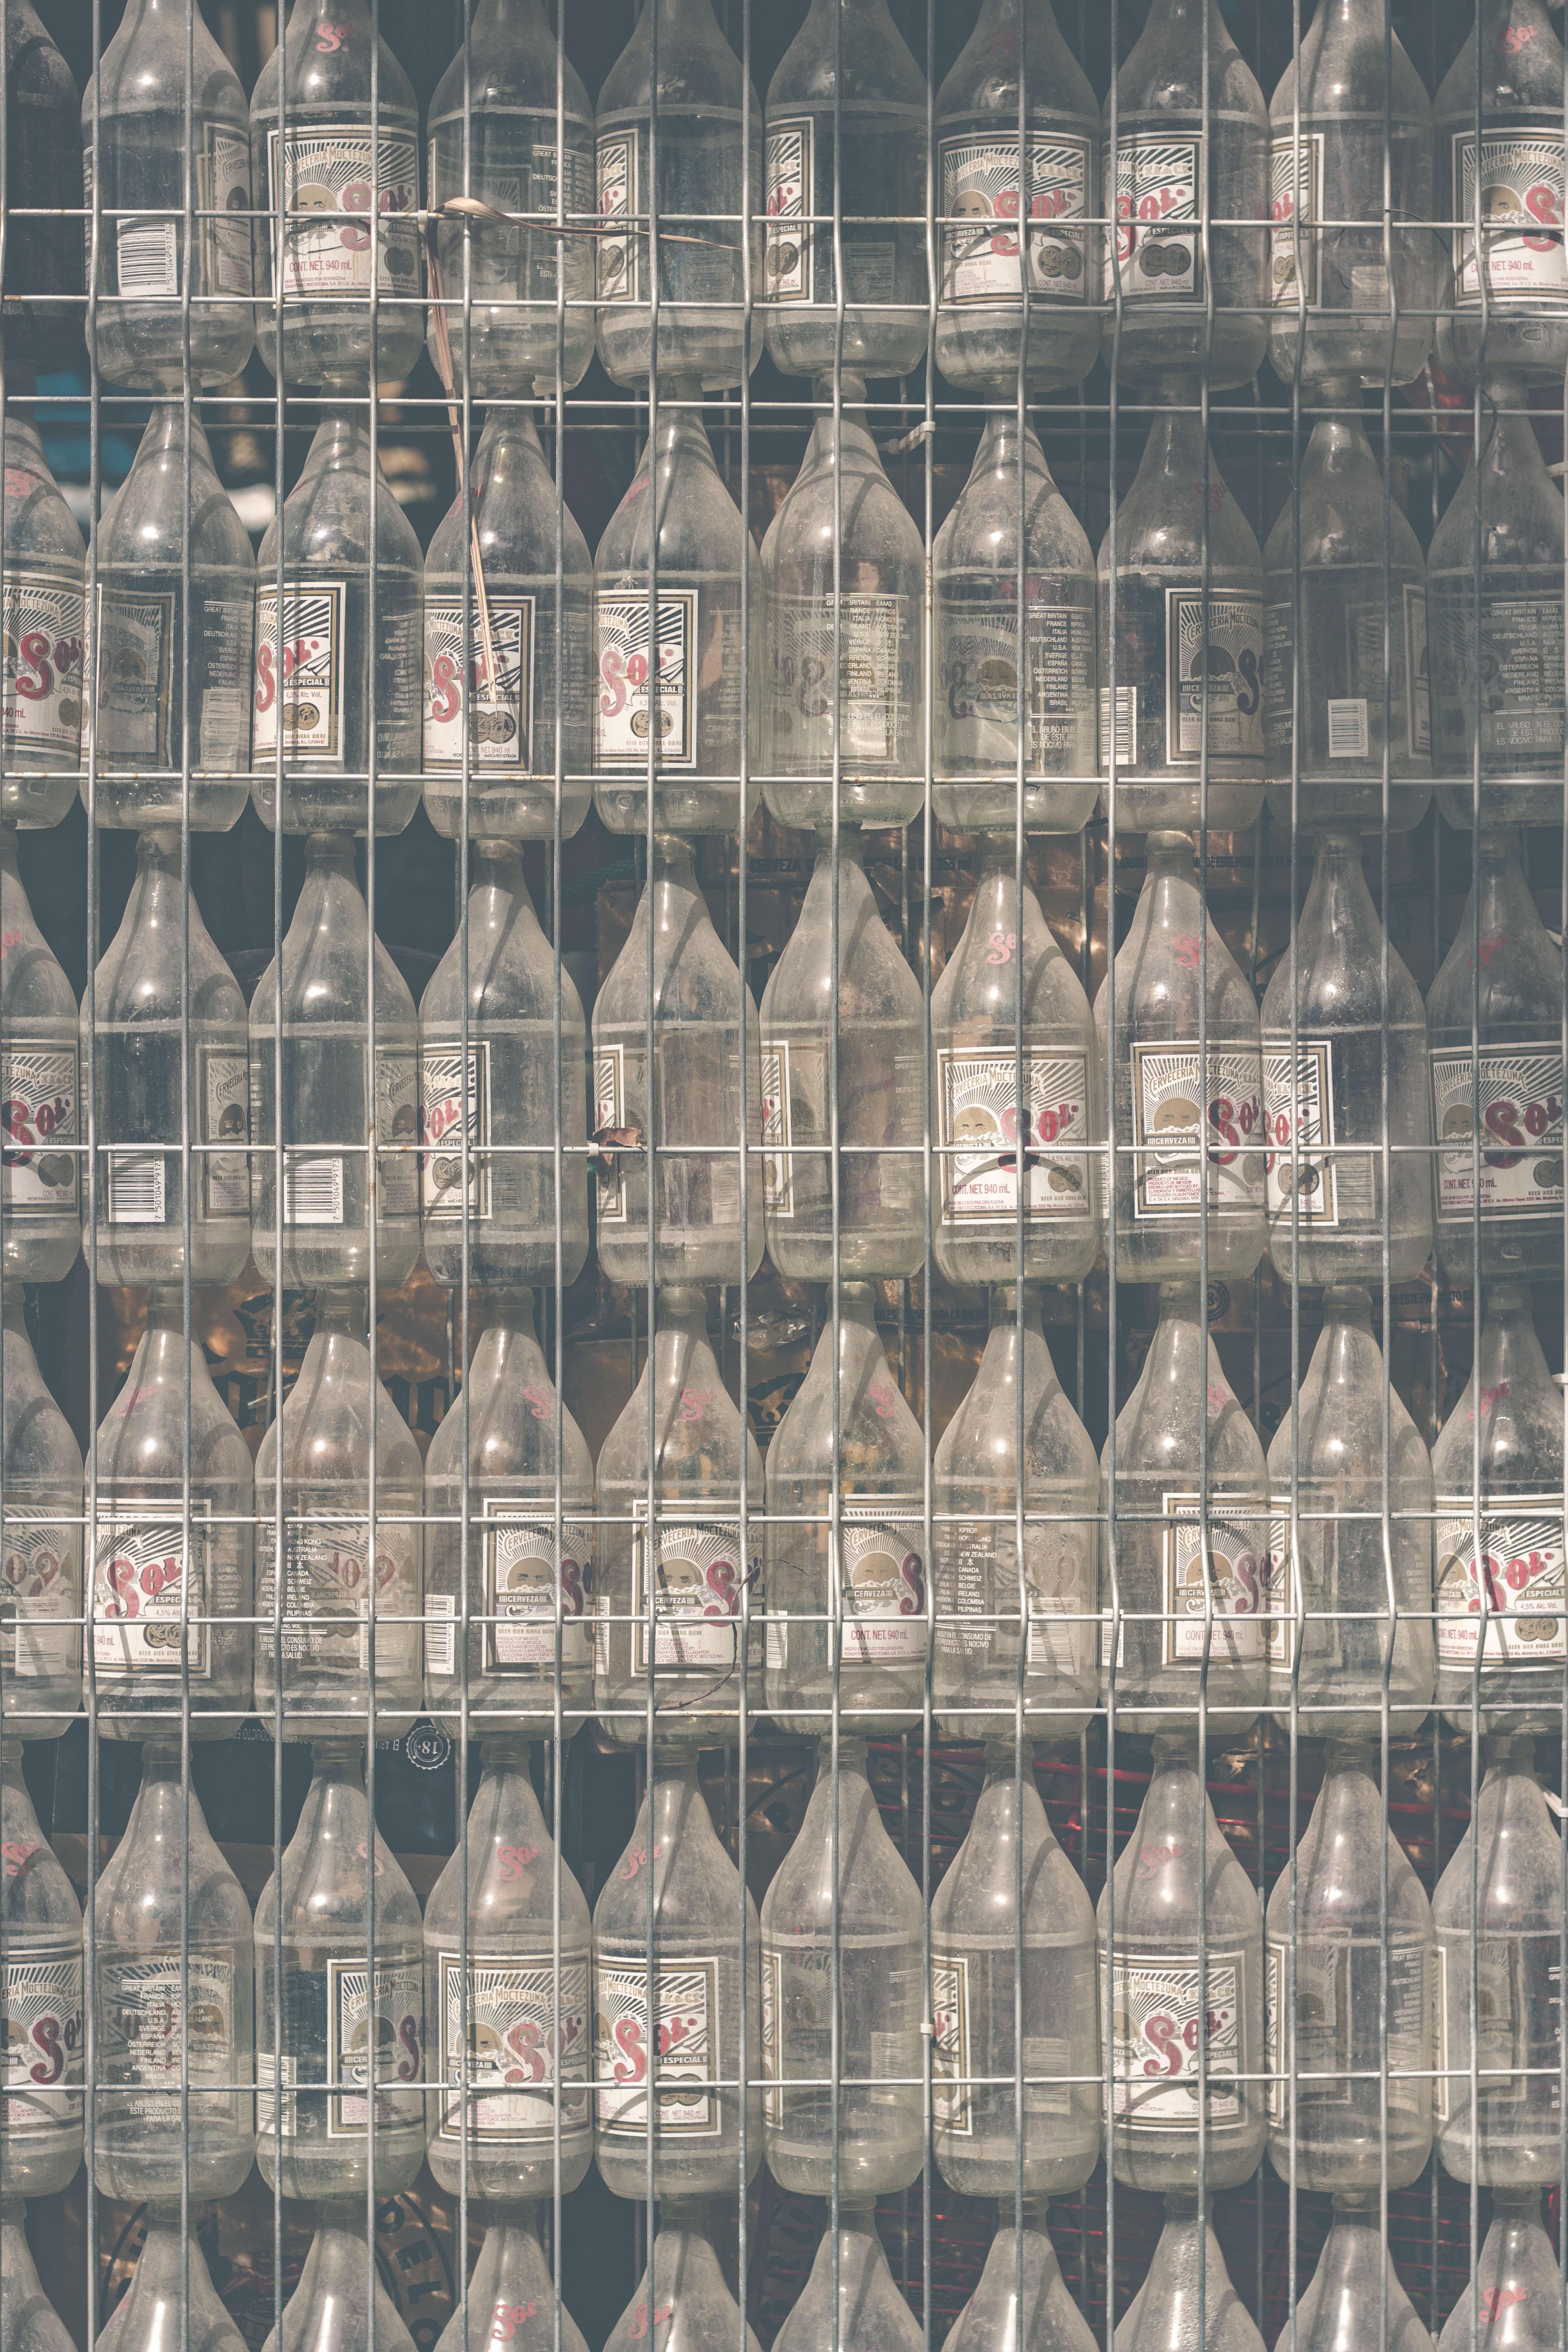 clear glass bottle lot